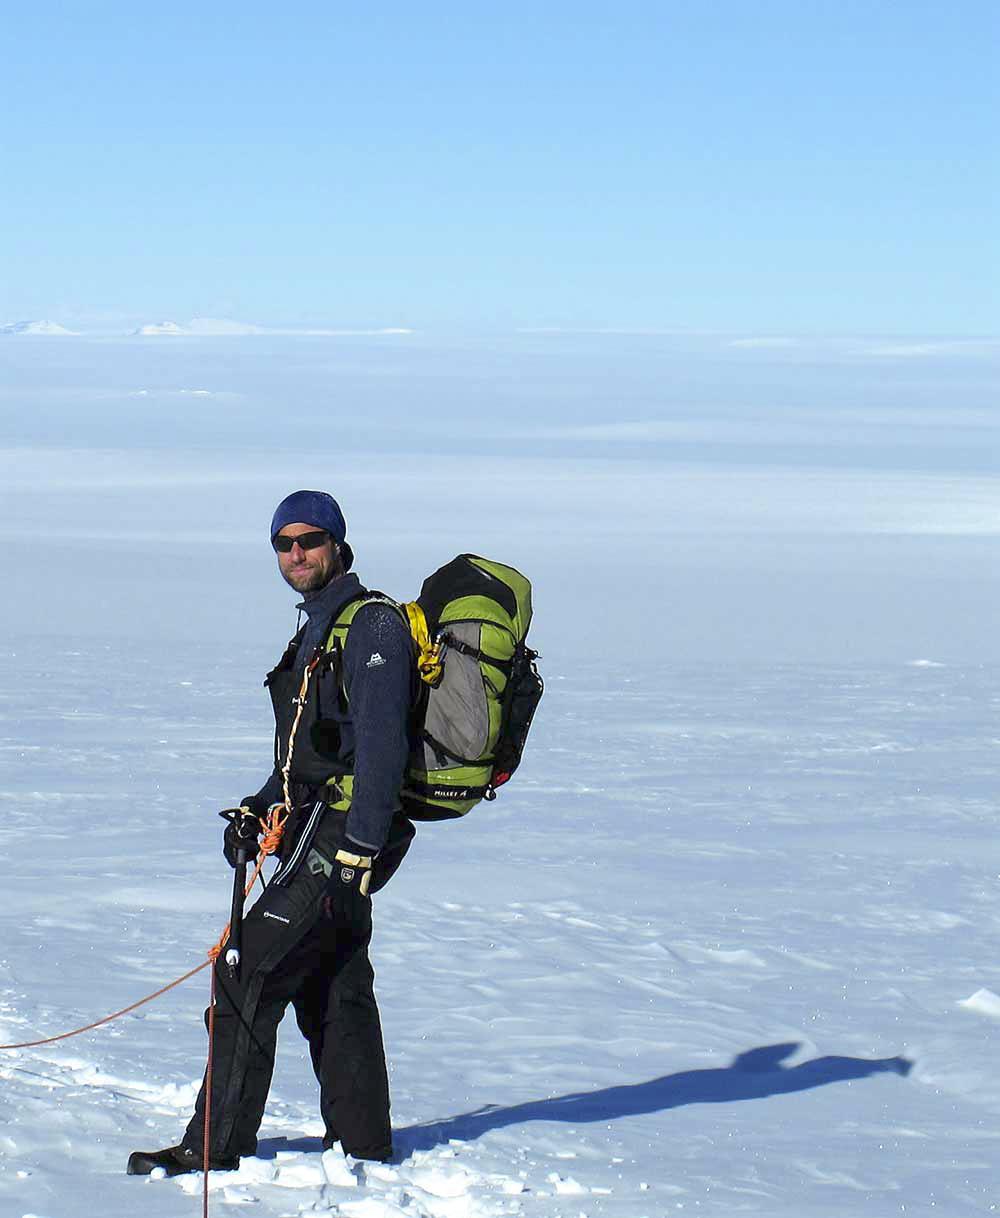 Vår expeditionsläkare Henrik fullt utrustad med ryggsäck och säkerhetssele